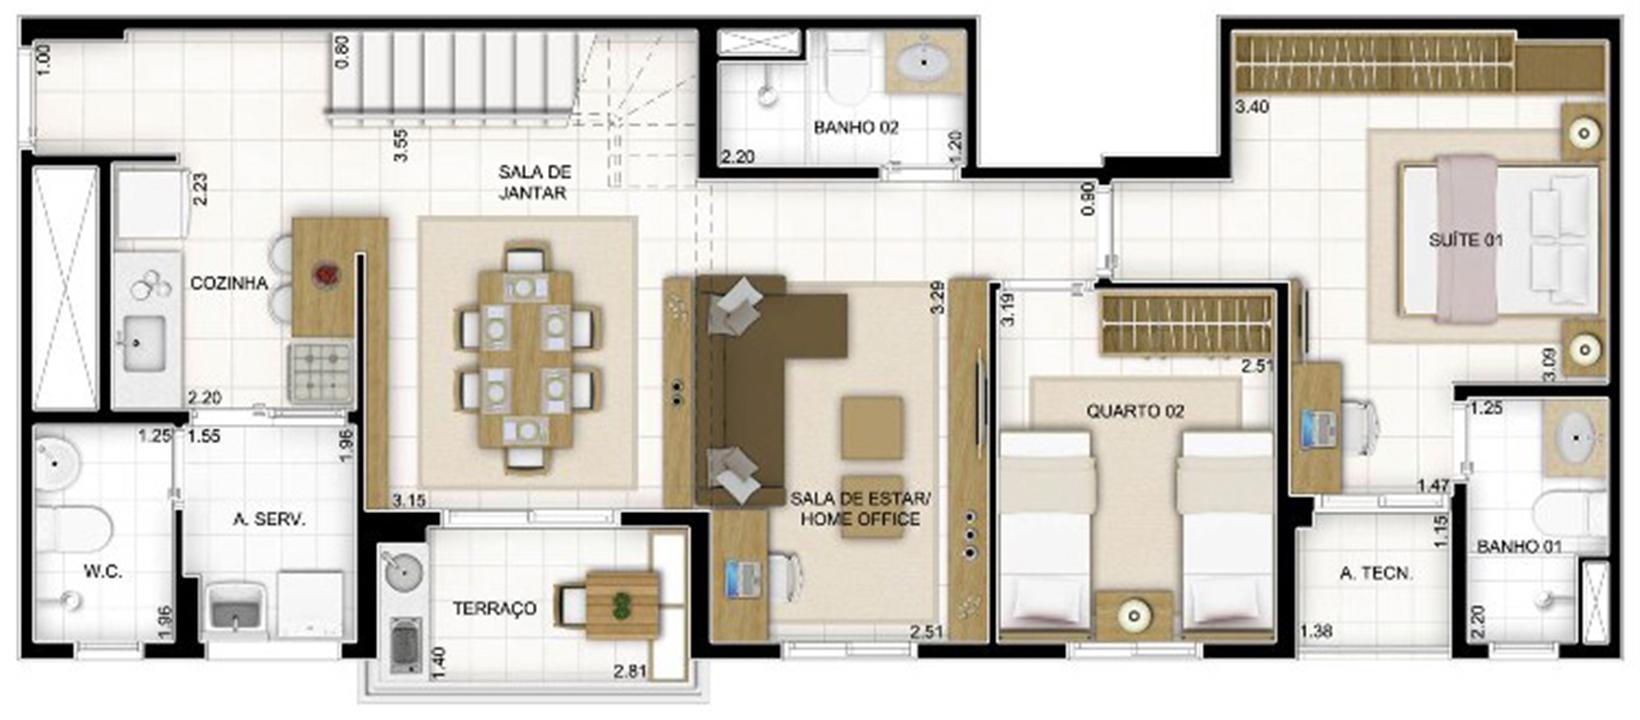 Duplex Andar Inferior 2 quartos Sala Ampliada 159 m²   Quartier Lagoa Nova – Apartamentona  Lagoa Nova - Natal - Rio Grande do Norte